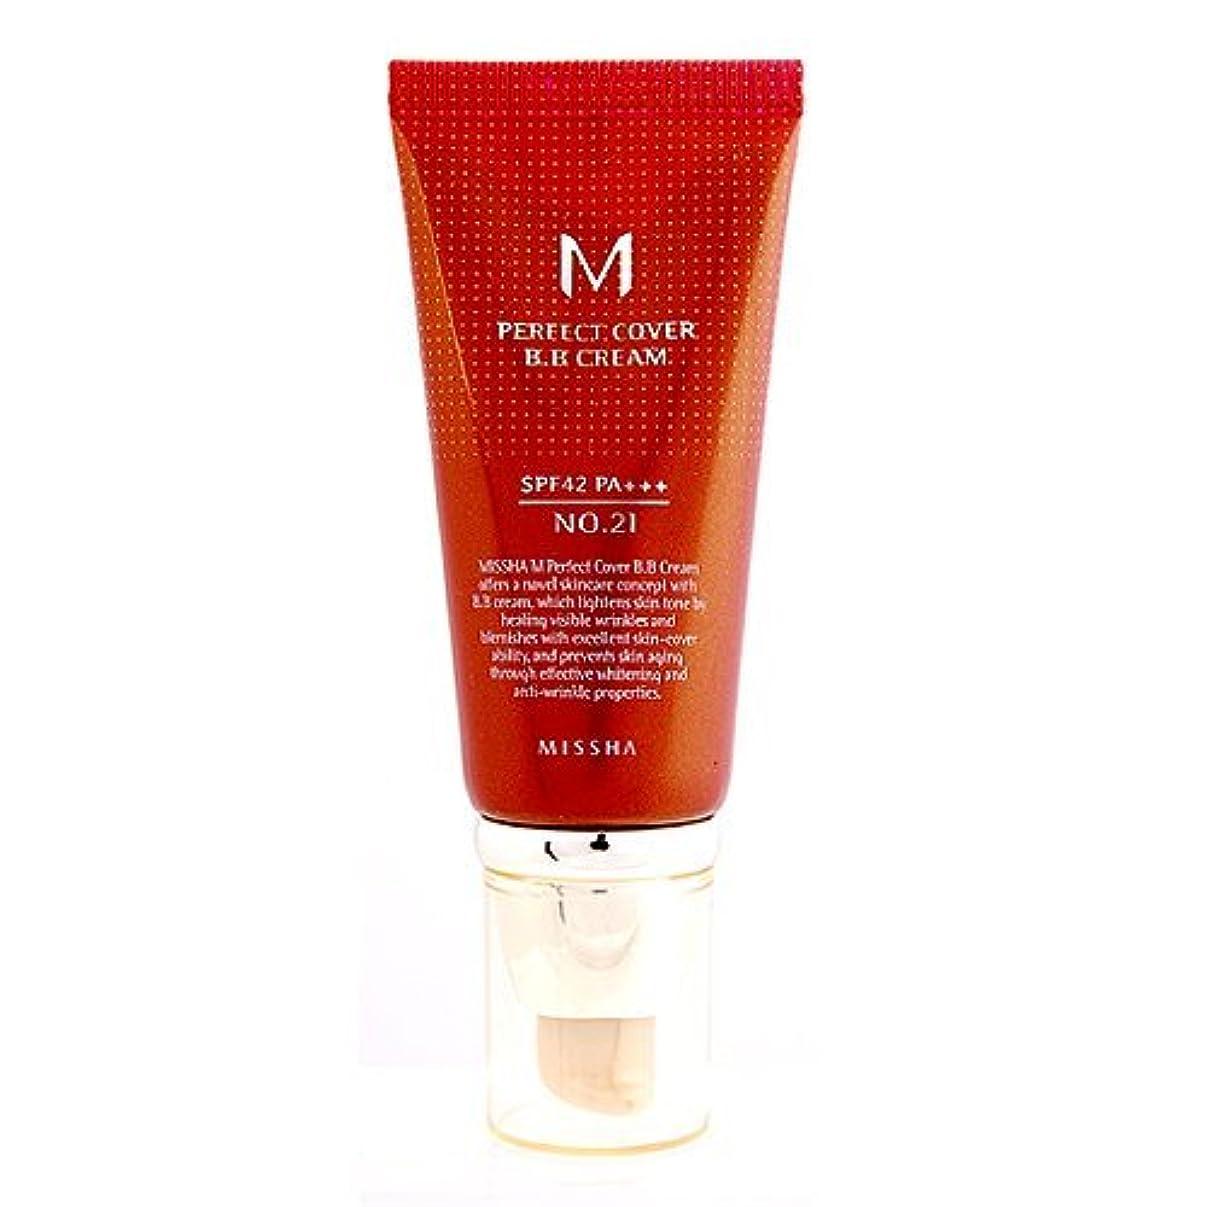 道徳の推測Missha M Perfect Cover B.B. Cream SPF 42 PA+++ 21 Light Beige, 1.69oz, 50ml